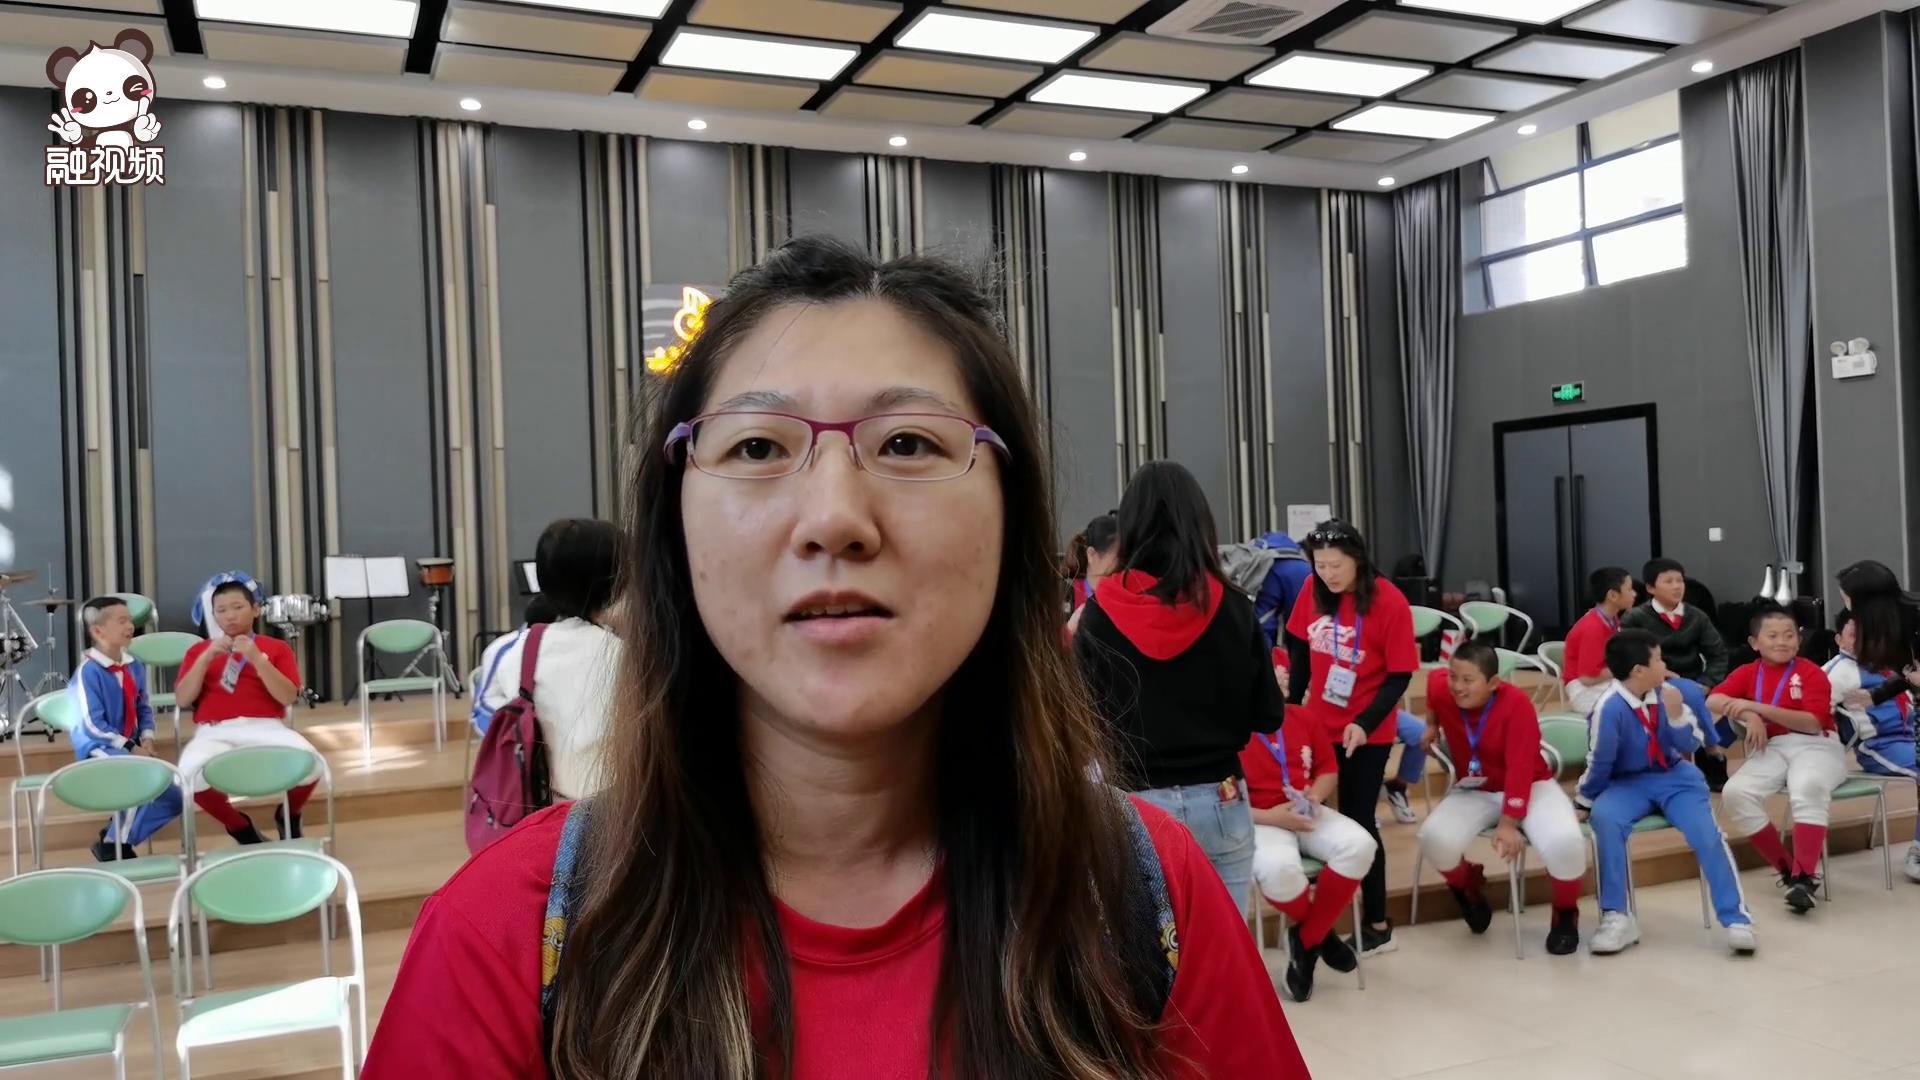 台湾东园小学家长初到大陆:比想象中更舒服图片